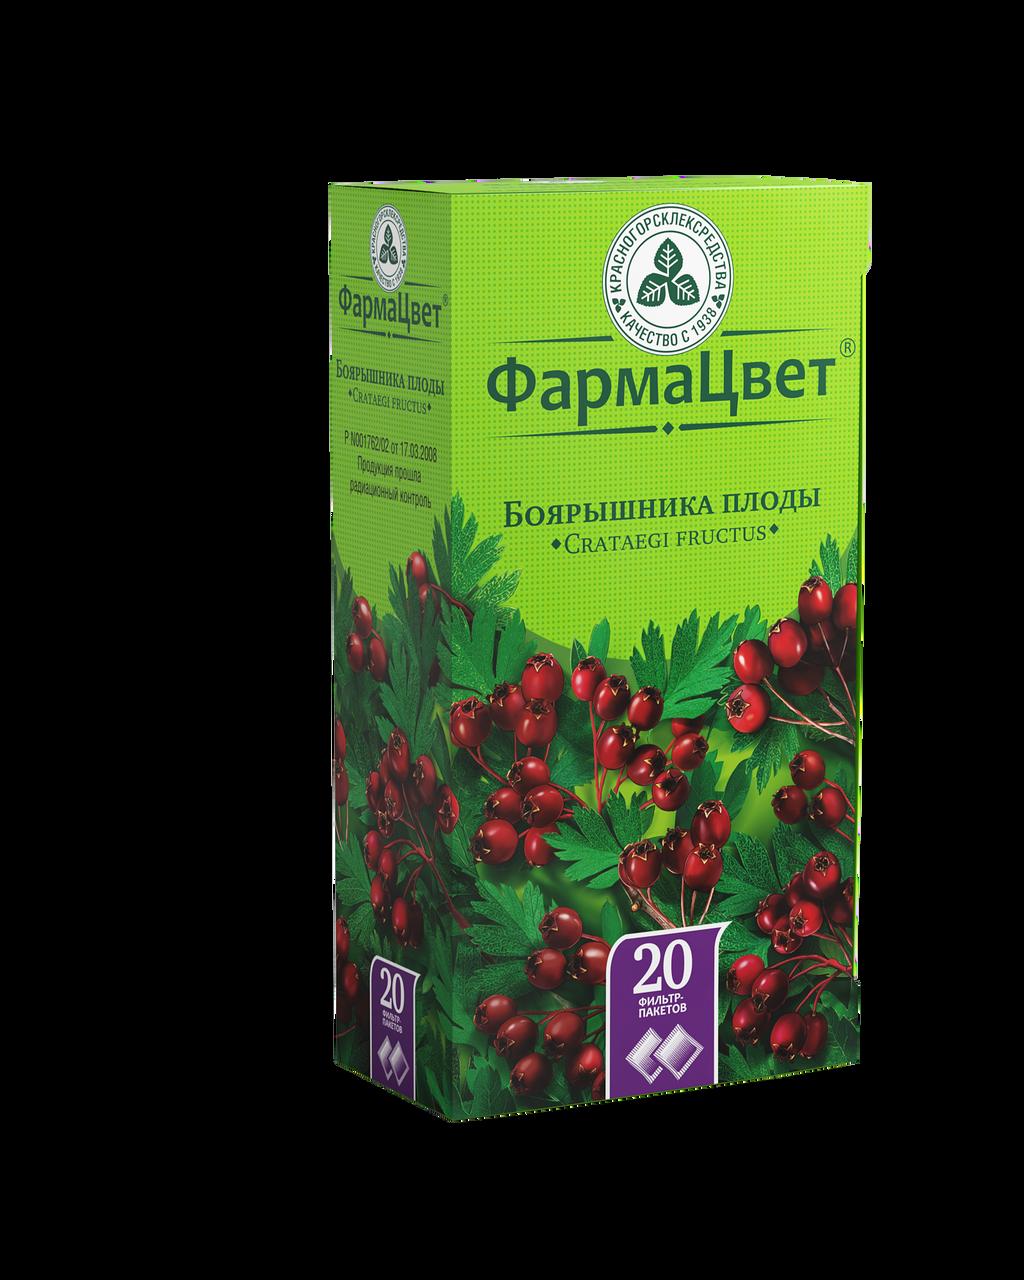 фото упаковки Боярышника плоды